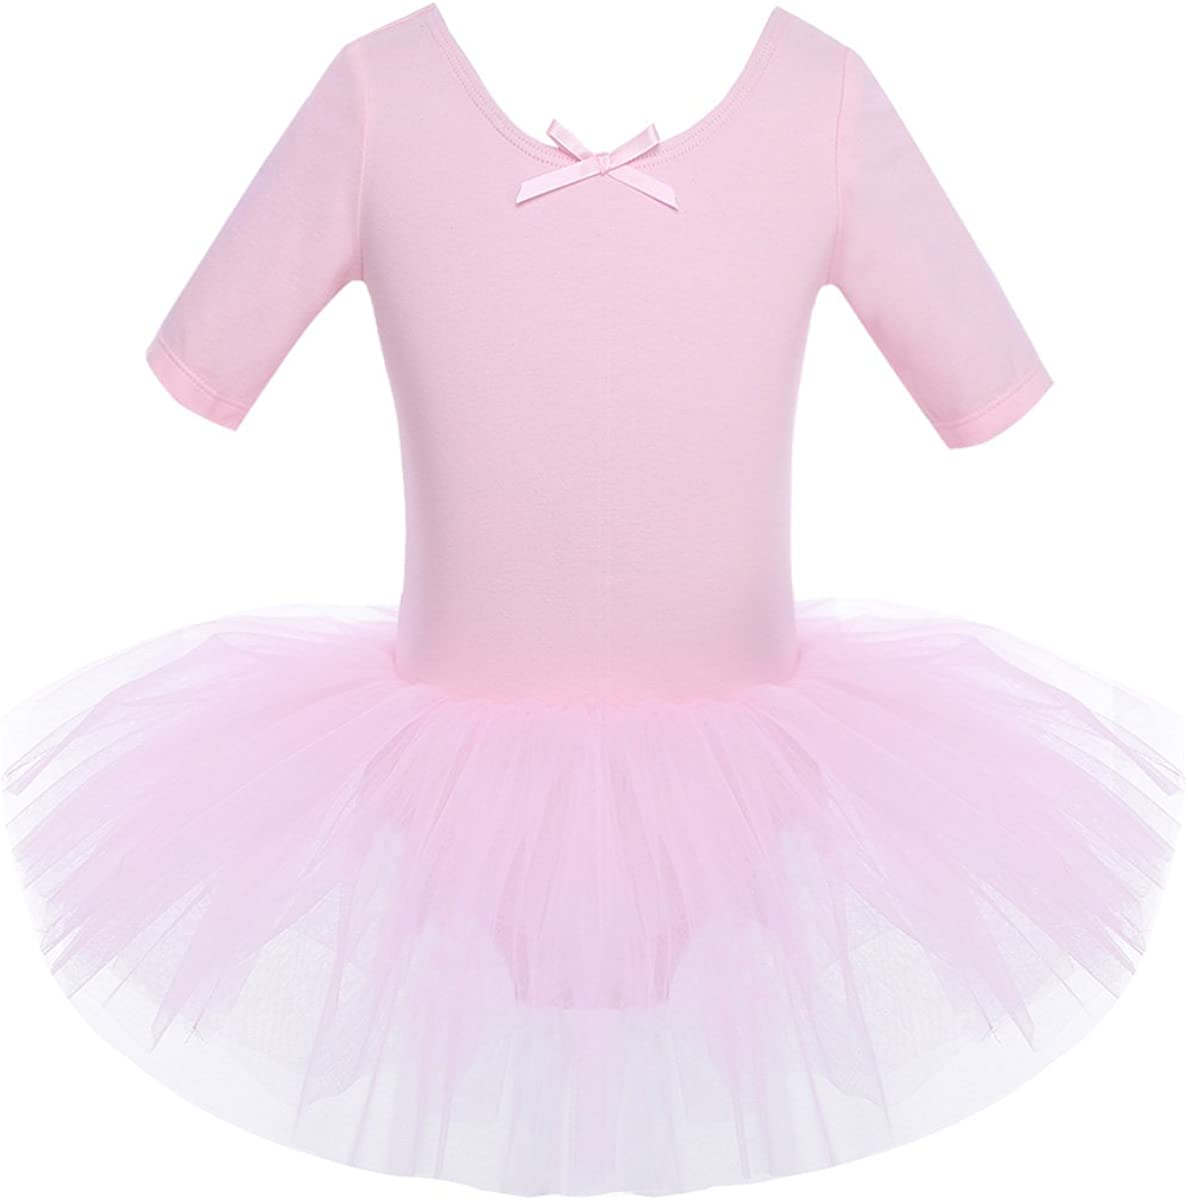 iiniim Kids Girls Cutout Back Ballet Dress Leotard Tutu Dealing full price reduction Sk Dance Max 84% OFF